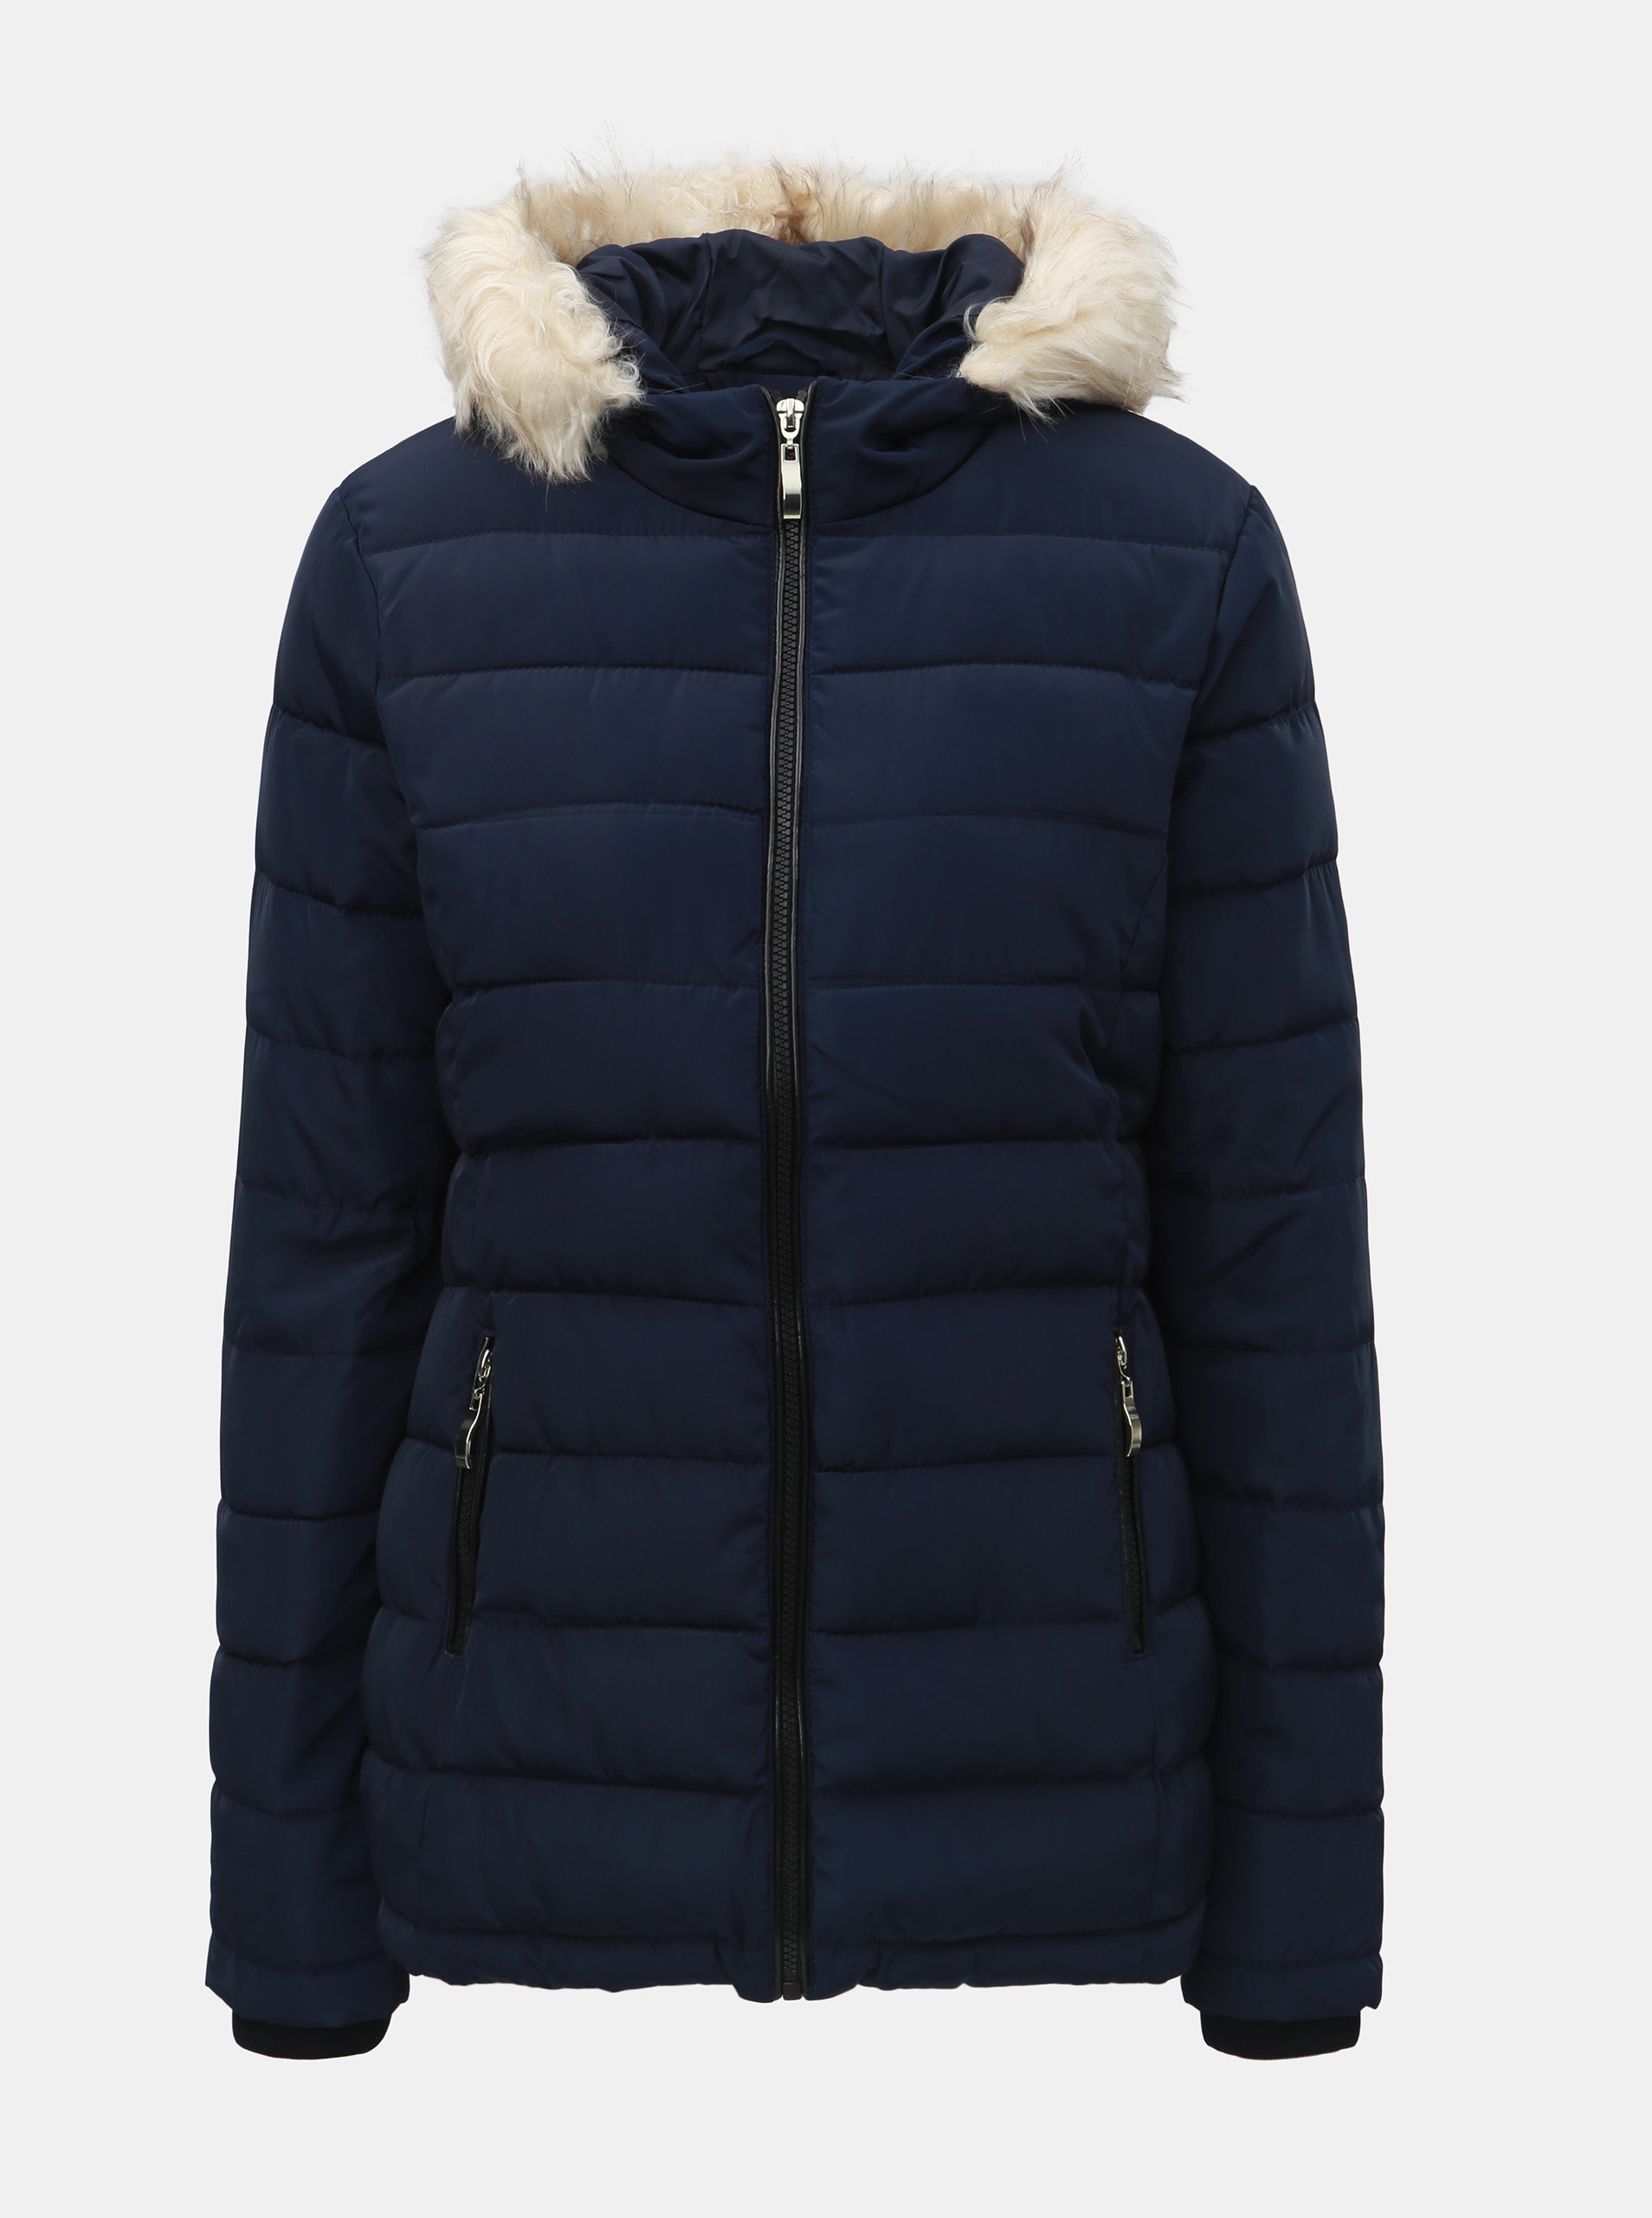 9201c8f7d309 Tmavomodrá prešívaná zimná bunda s umelou kožušinkou Dorothy Perkins ...